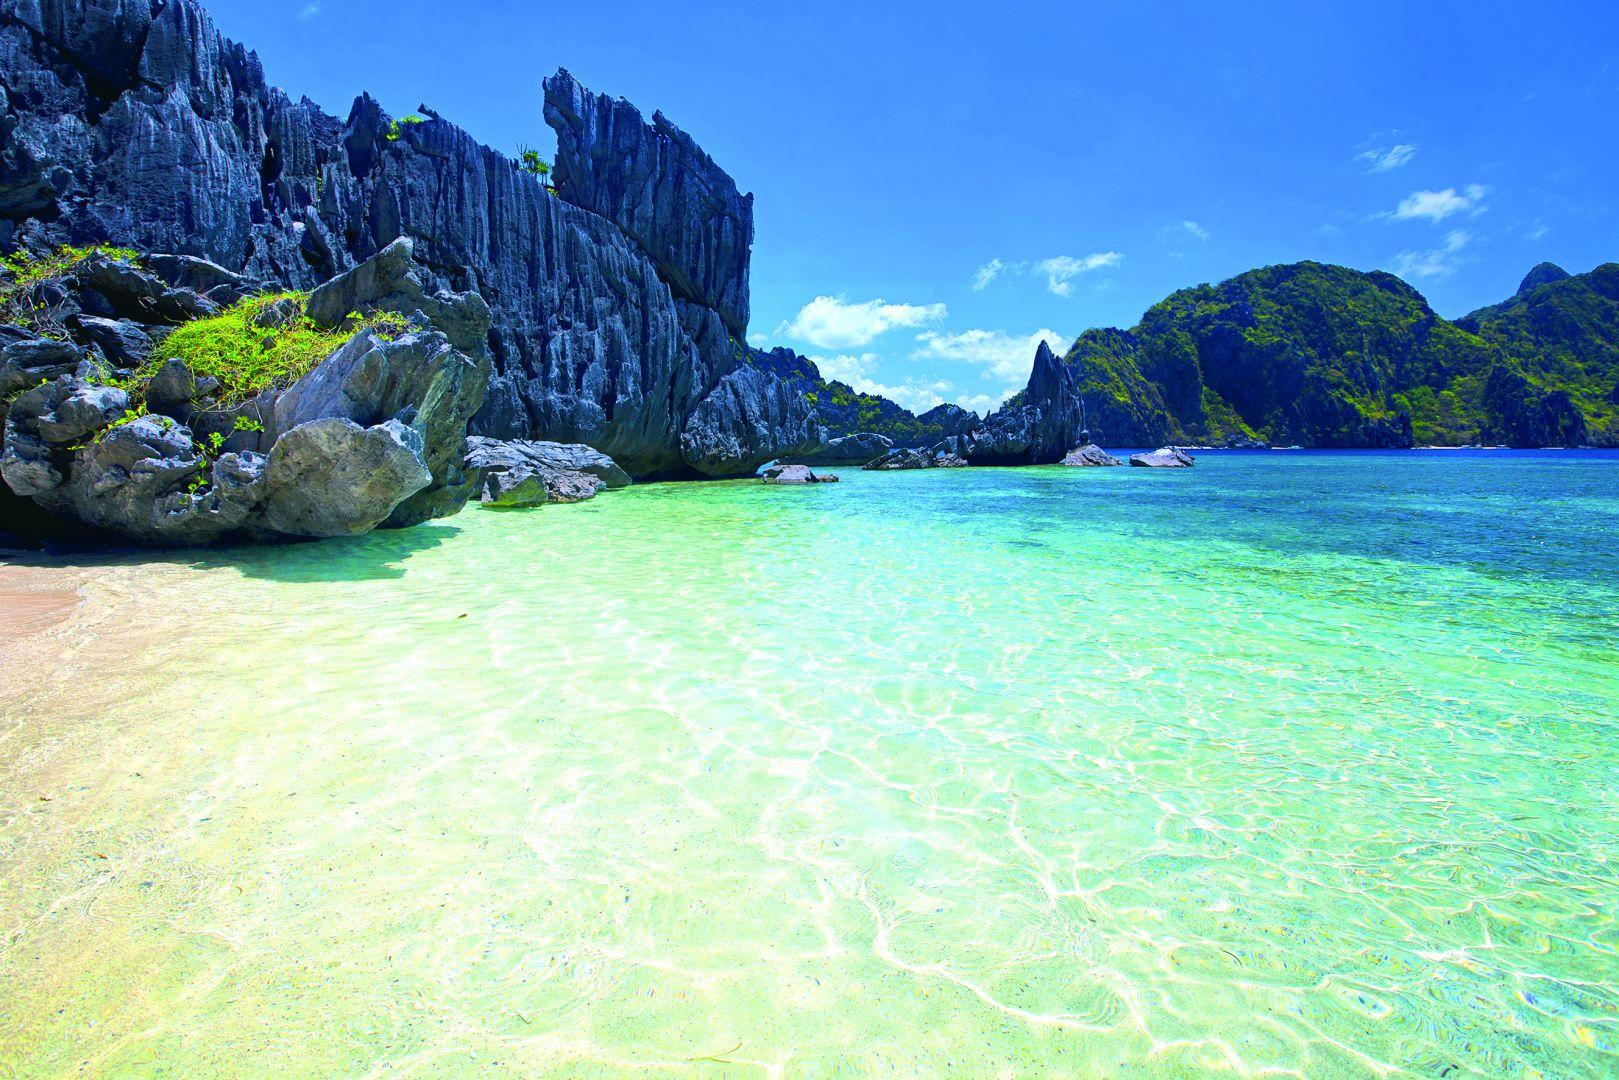 Hervorragend Voyage : 4 destinations aux plages paradisiaques | MODE DE VILLE  GN75